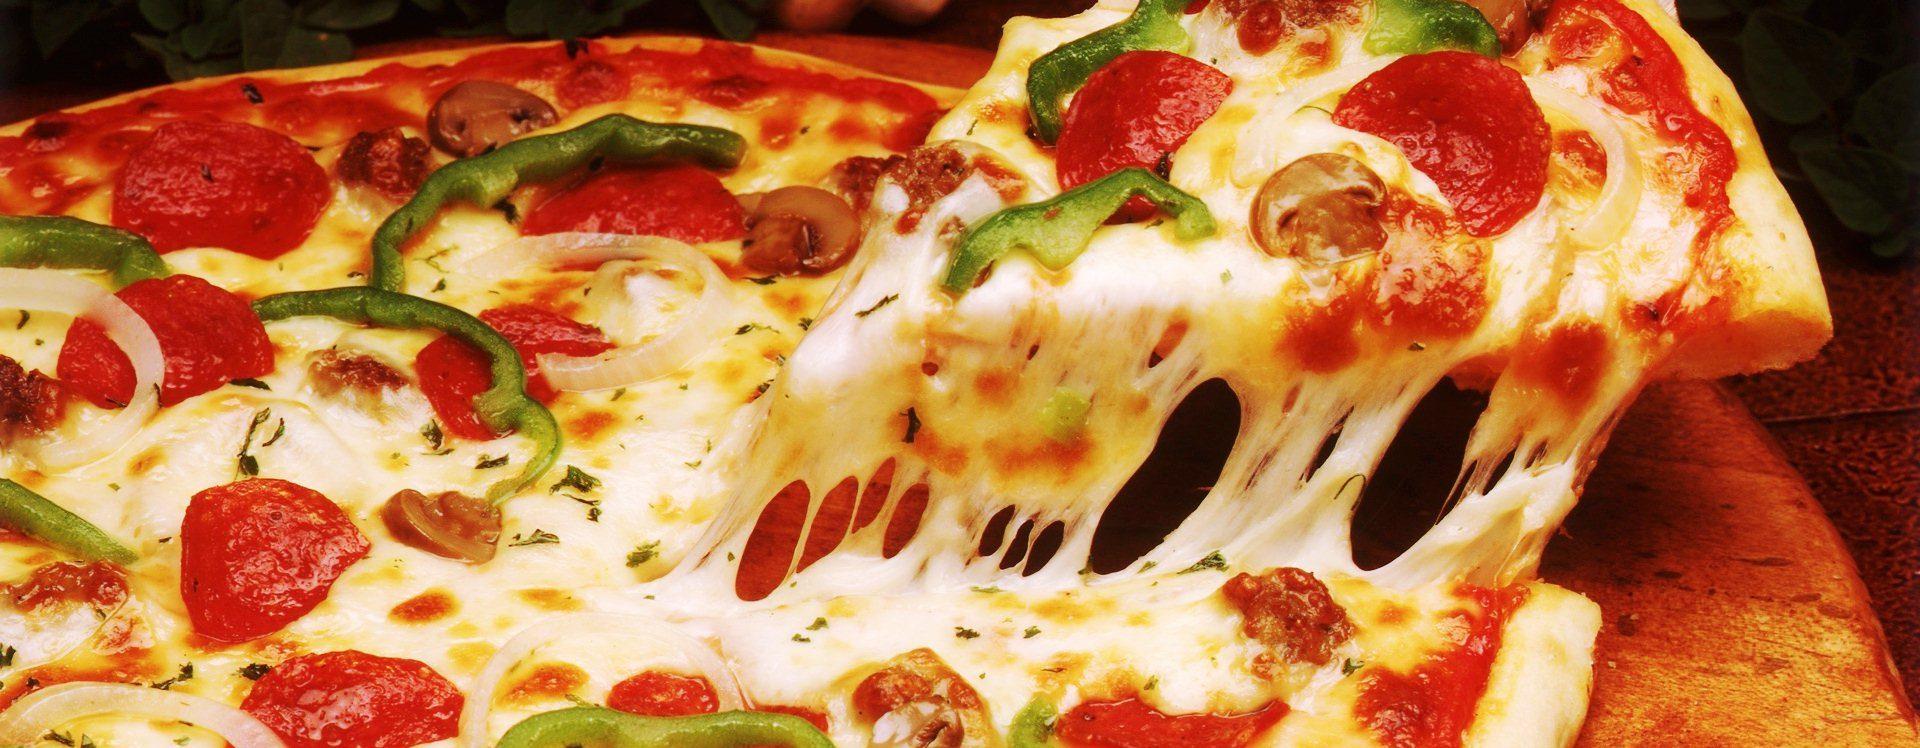 Yo!Pizzas Banner